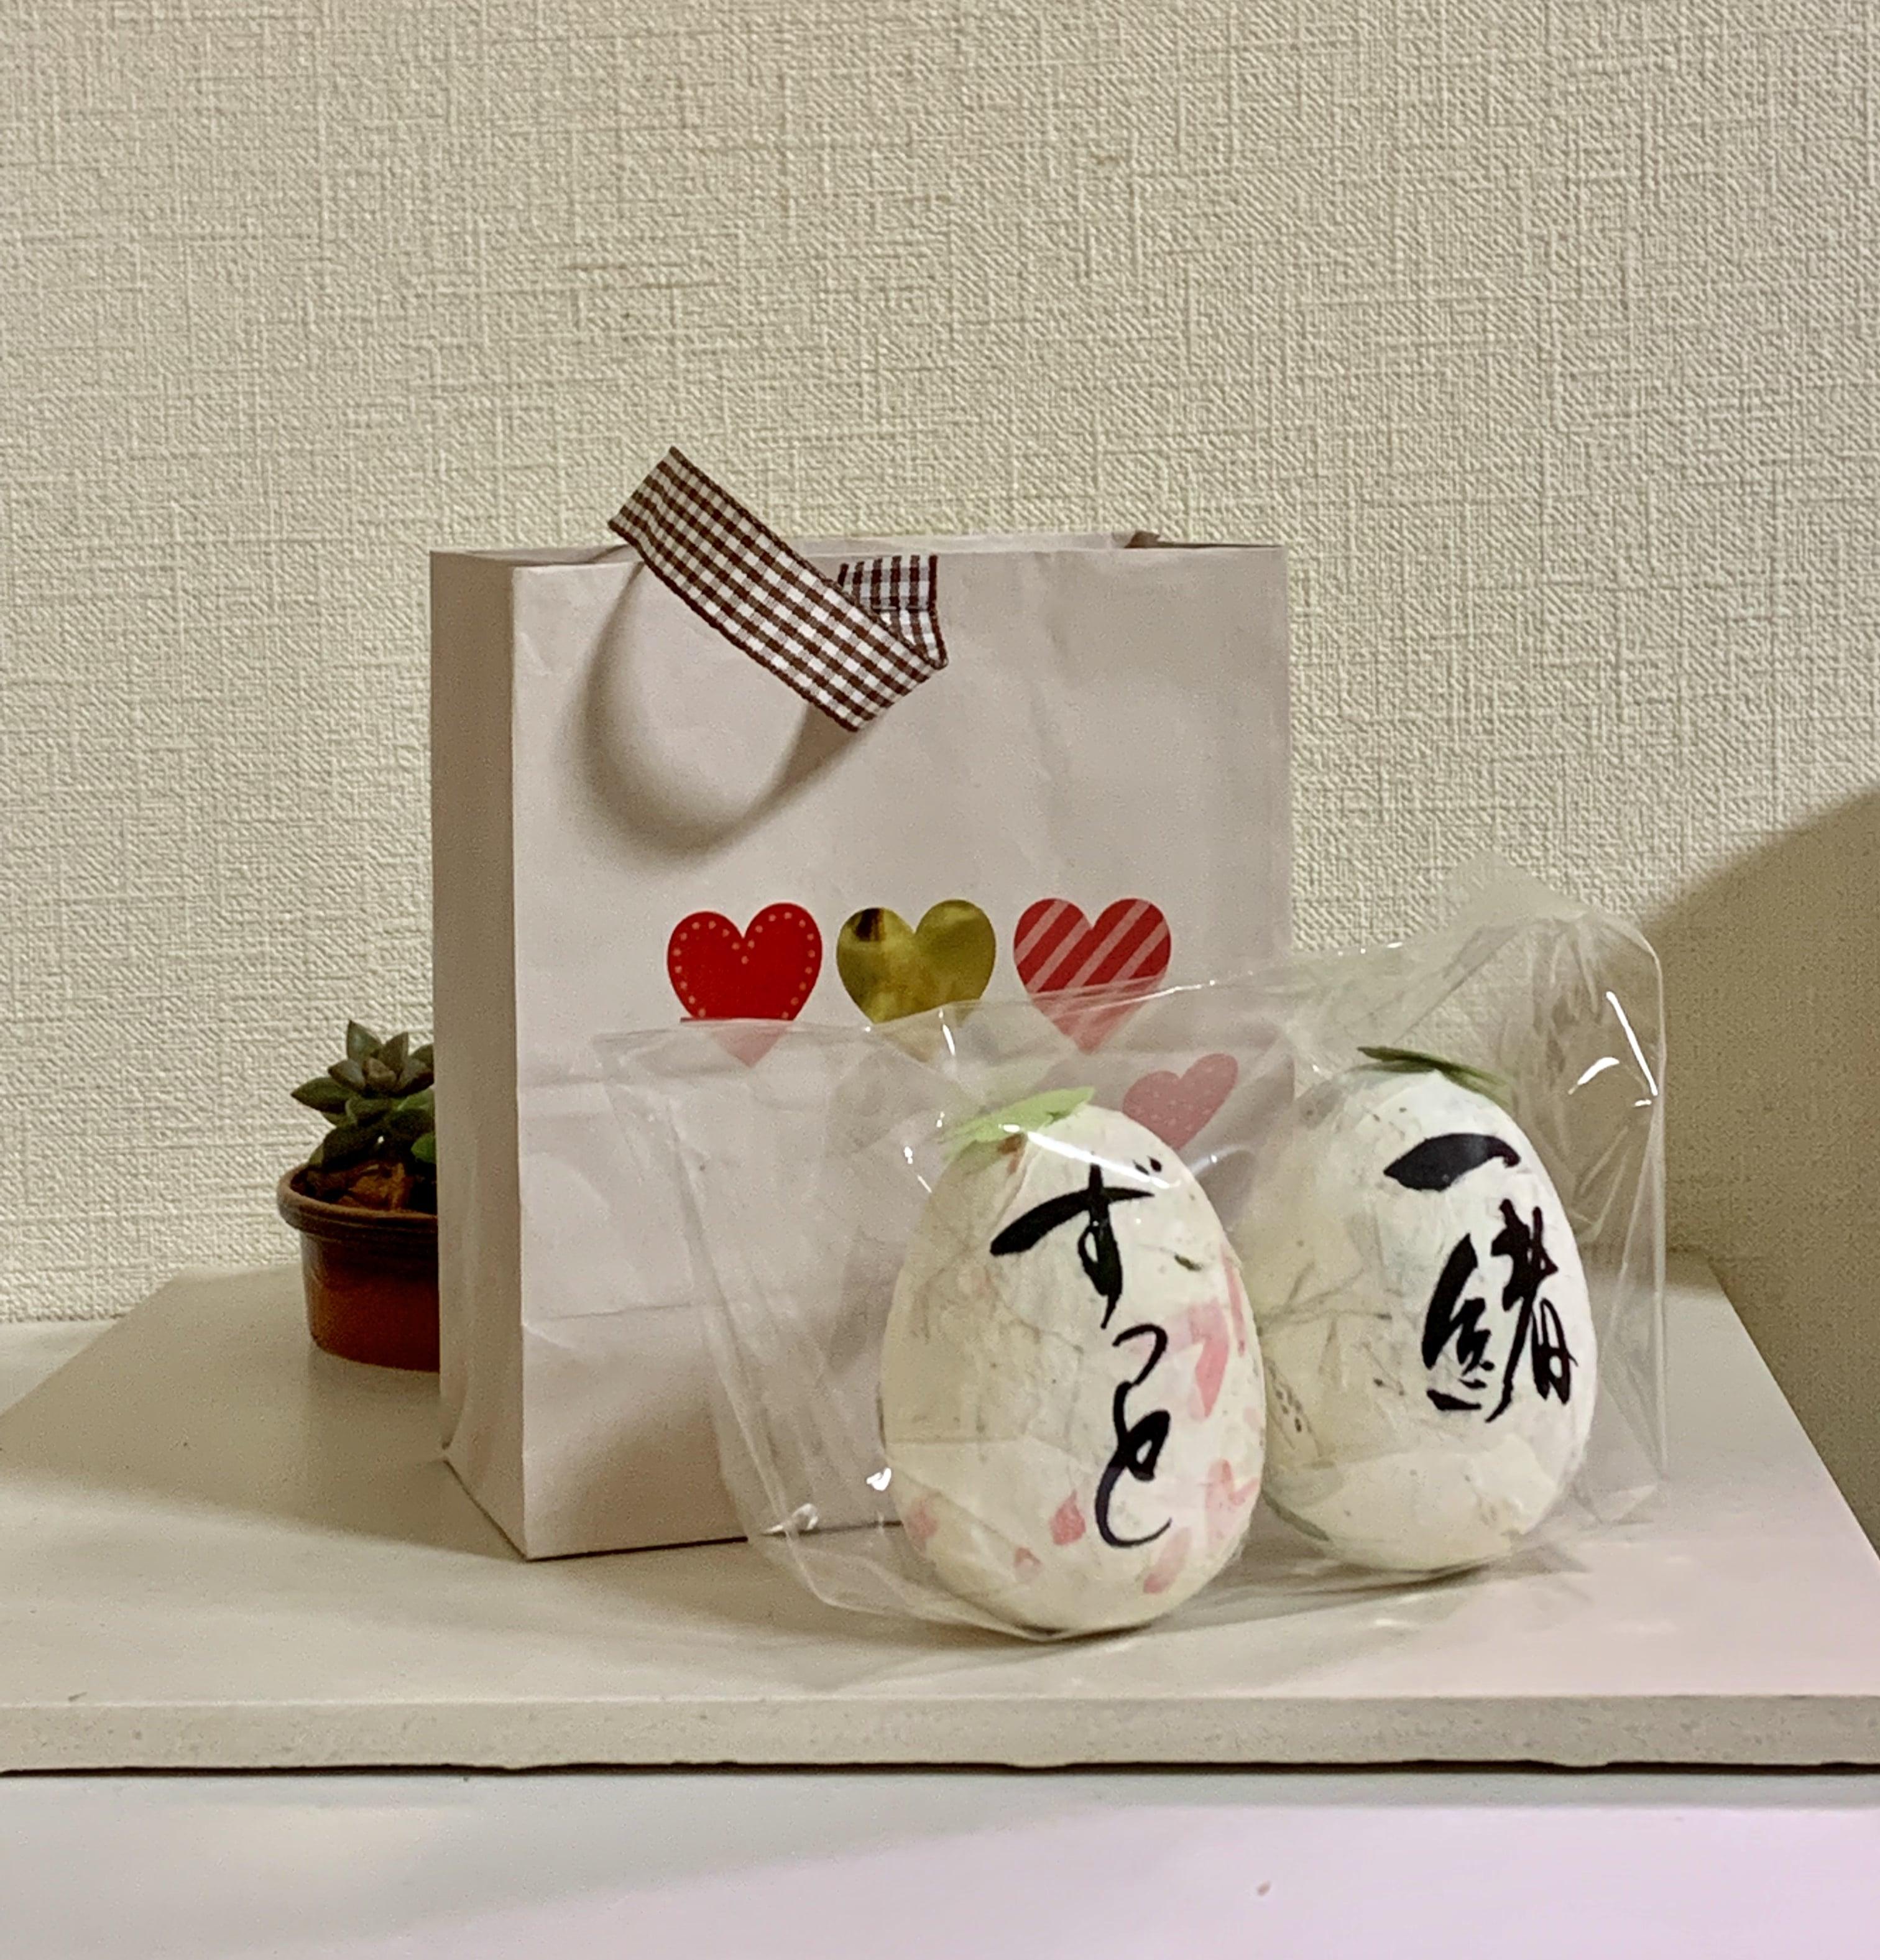 ウエディング オリジナルギフト コロコロかわいい「ウエディングエッグ」卵サイズ身長7cm、重さ1個44〜45gのイメージその5